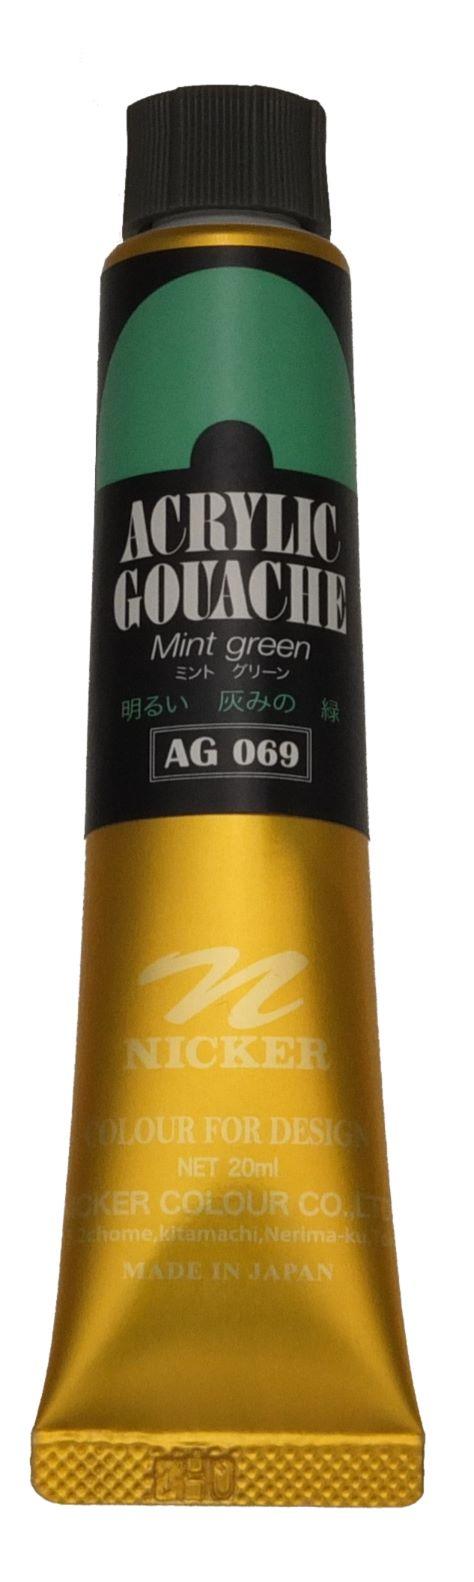 ACRYLIC GOUACHE 20ml AG069 MINT GREEN